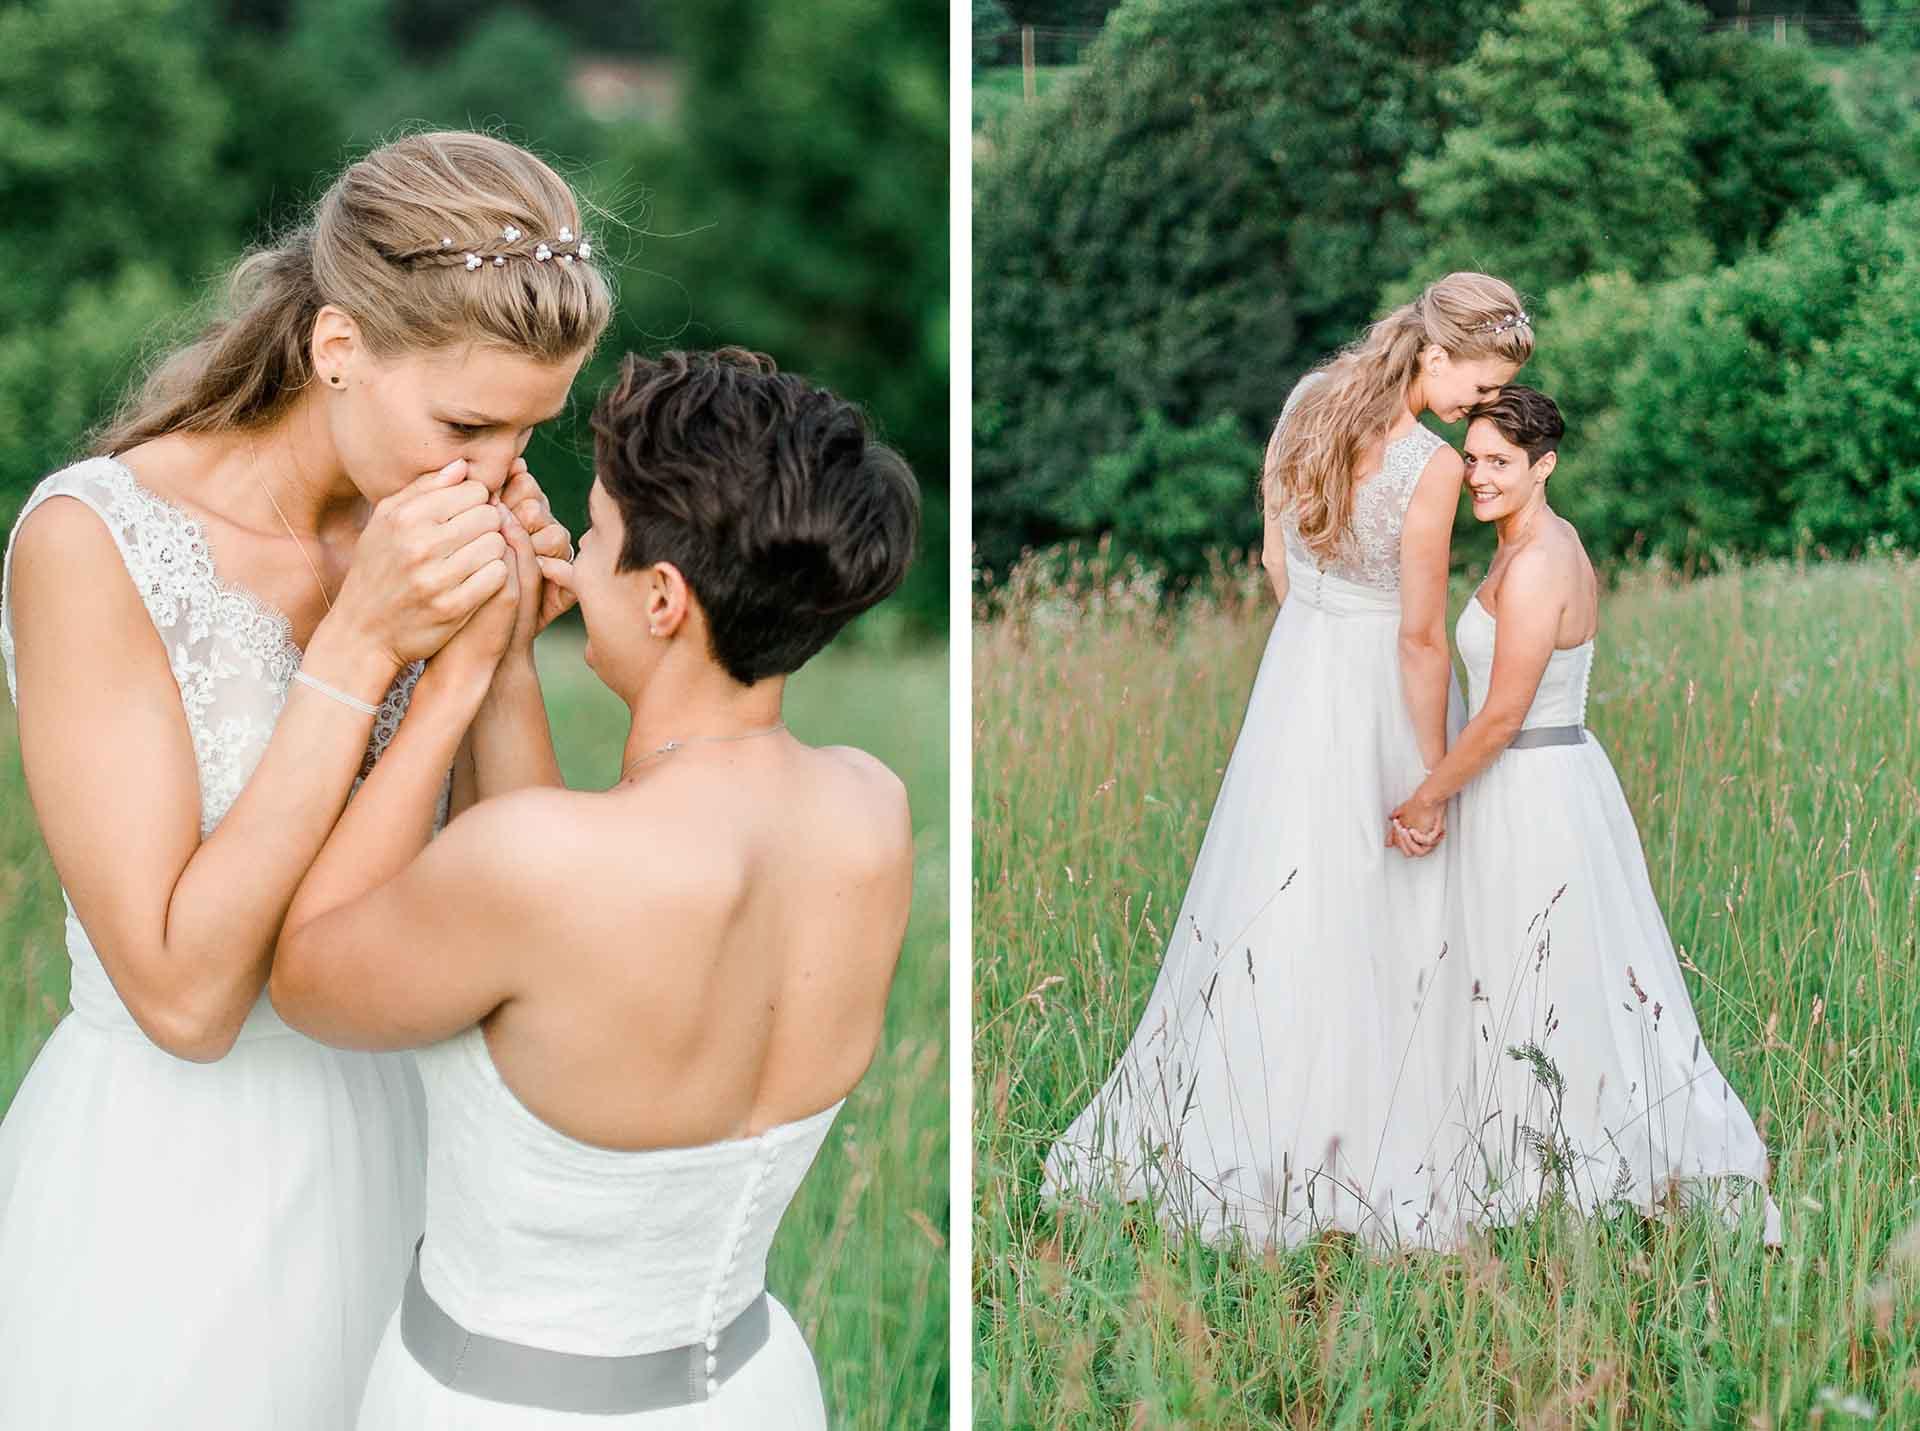 Hochzeitslocation die Träumerei Wien Hochzeitsfotograf Bohohochzeit Vintagehochzeit freie Trauung